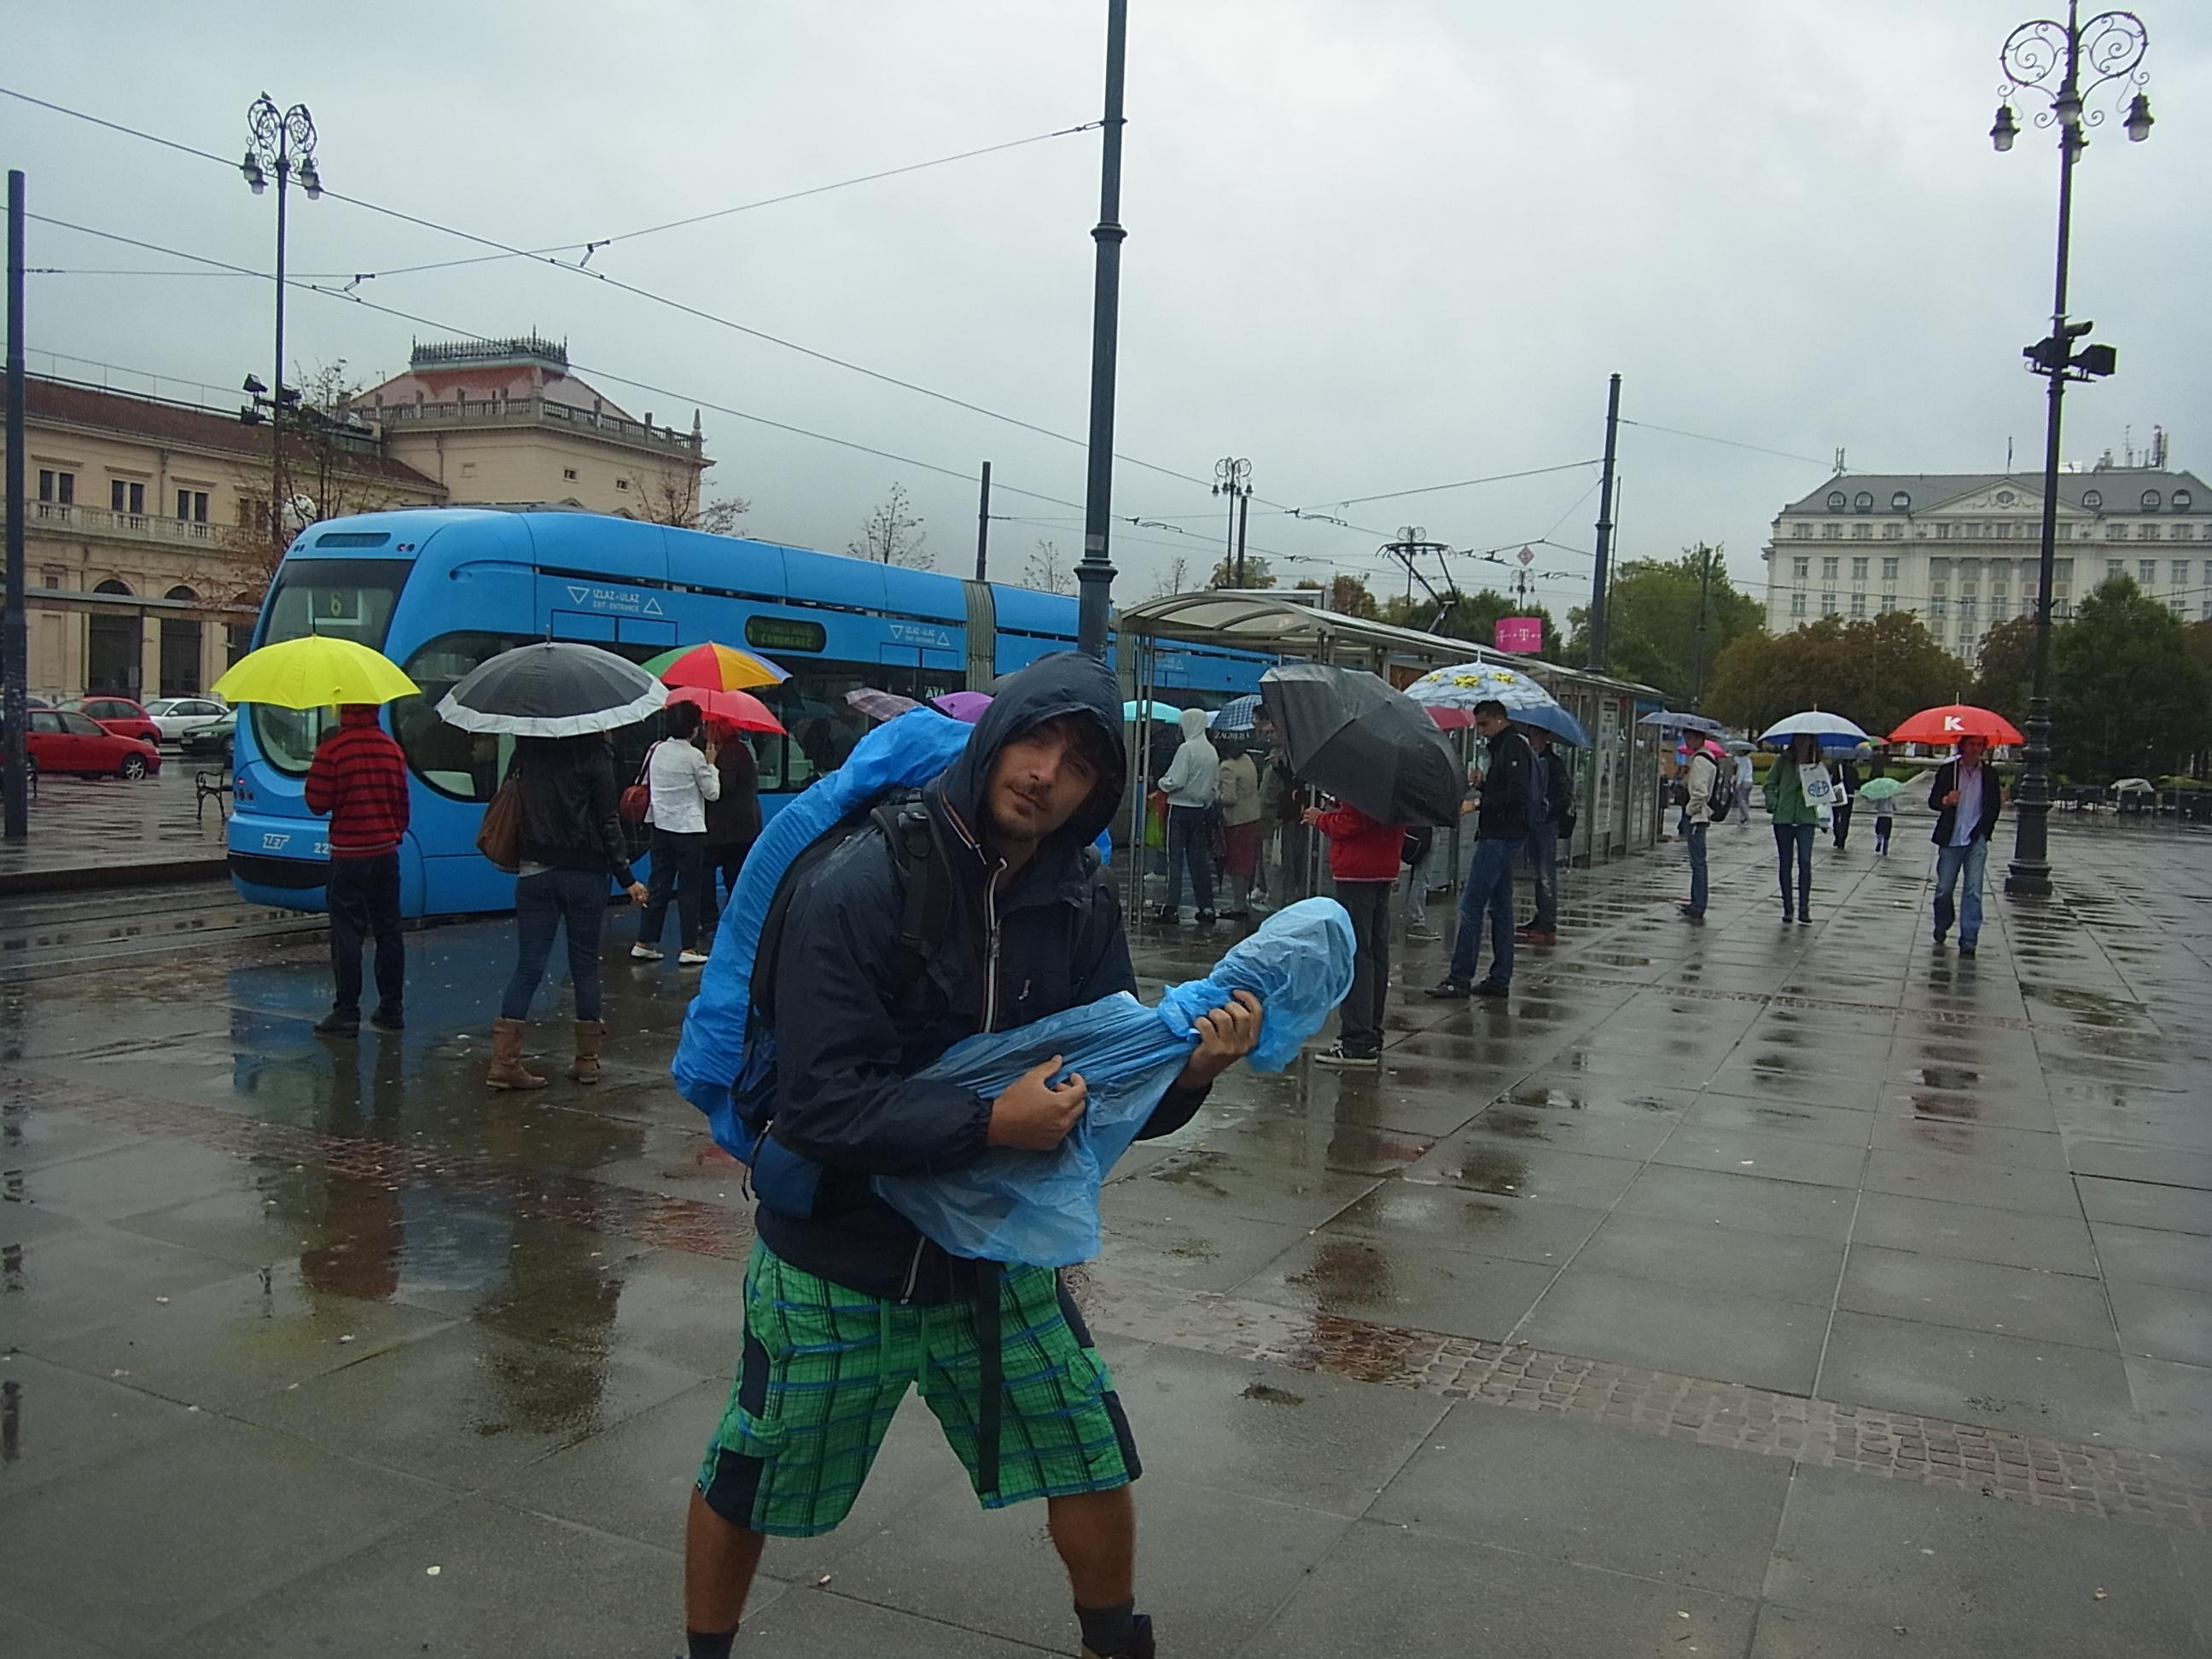 Es regnet, es regnet, die Erde wird nass